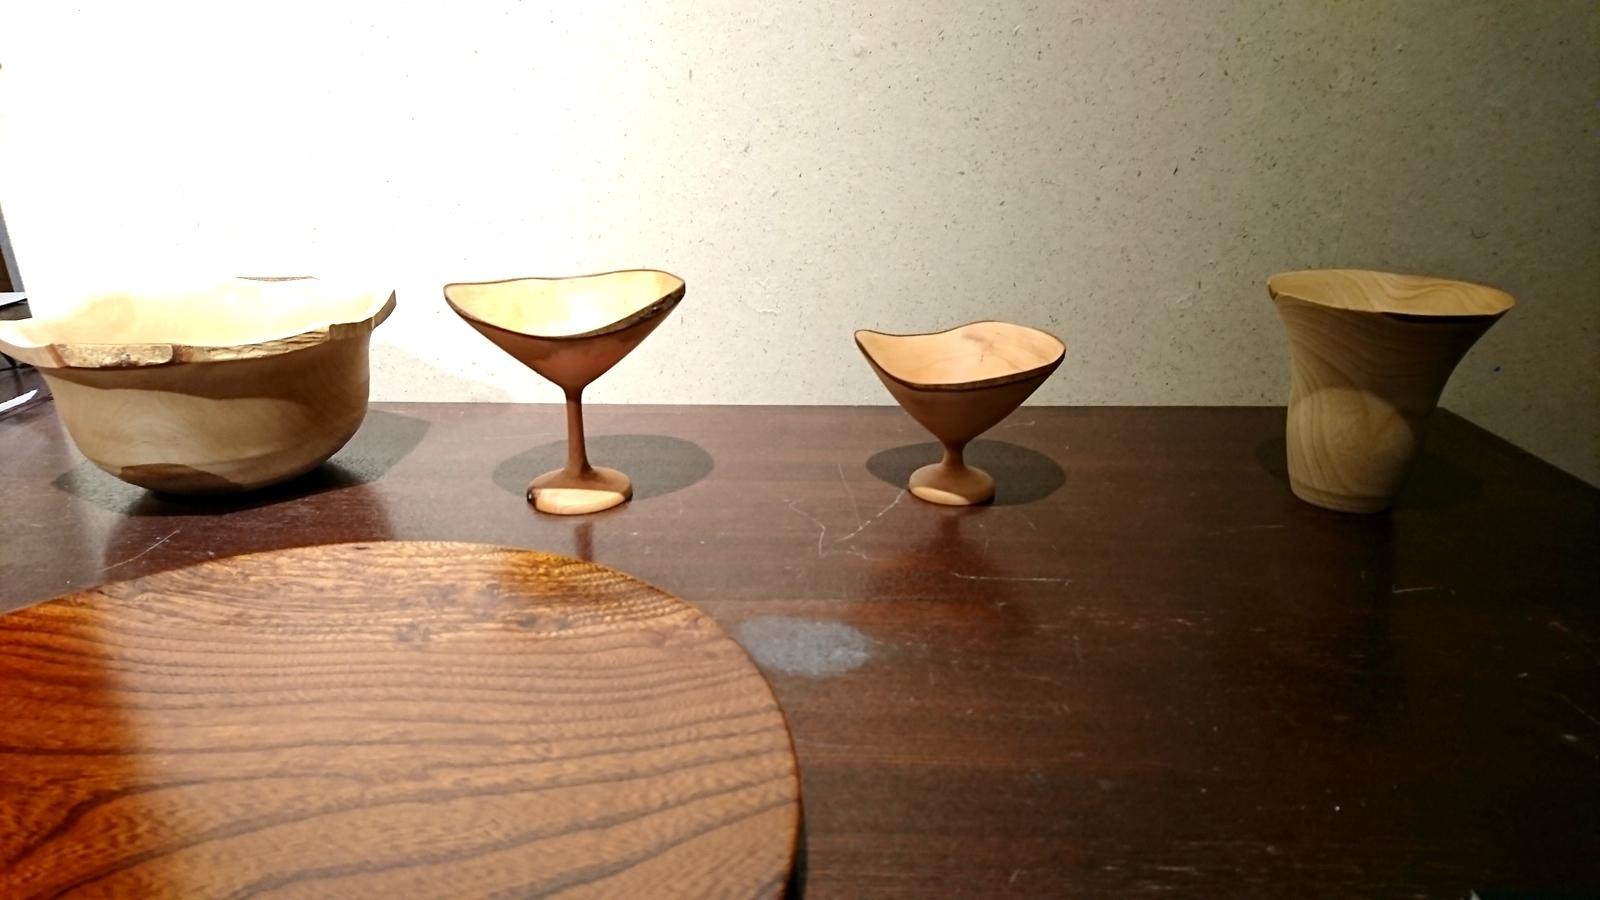 今日からの山崎修さんの木の器展はこんな感じ。_e0046190_18080784.jpg